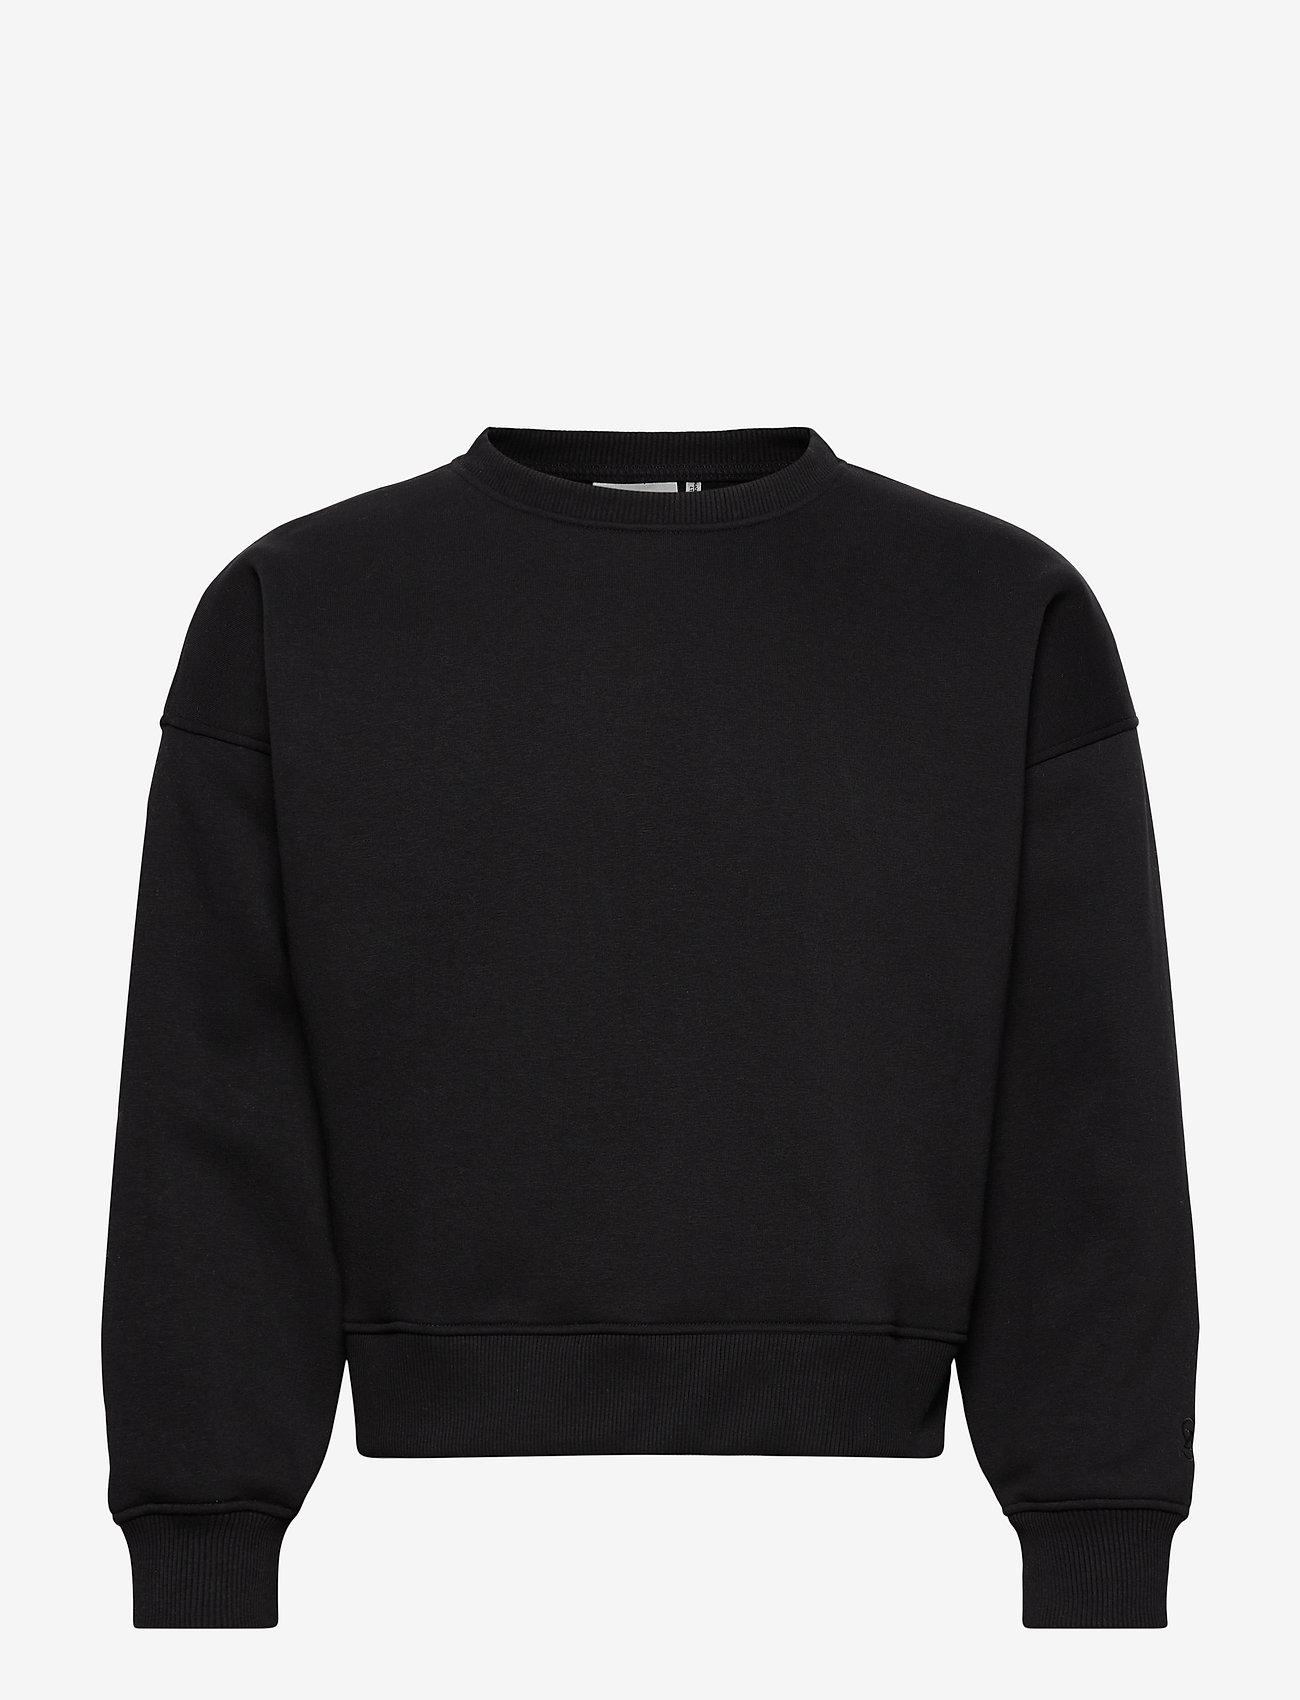 Gestuz - RubiGZ sweatshirt NOOS - sweatshirts & hættetrøjer - black - 0